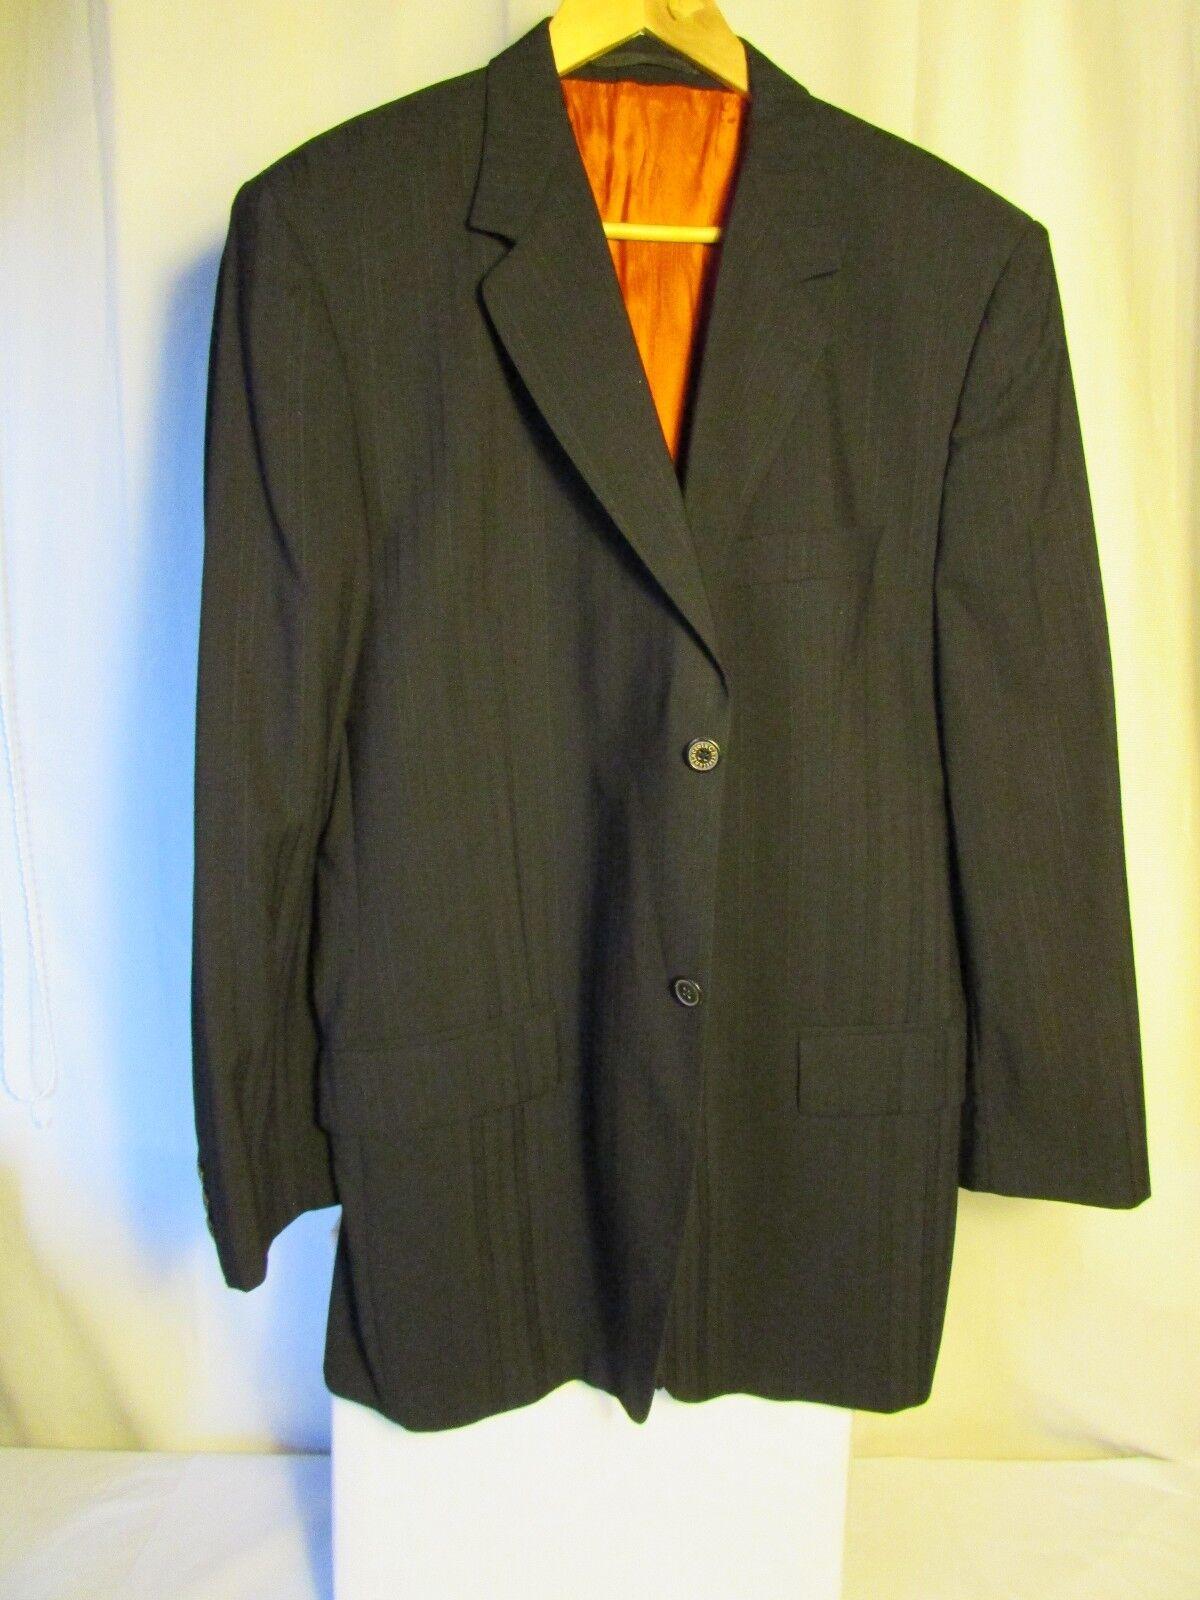 veste veste veste blazer Christian LACROIX laine noire taille 56 116578